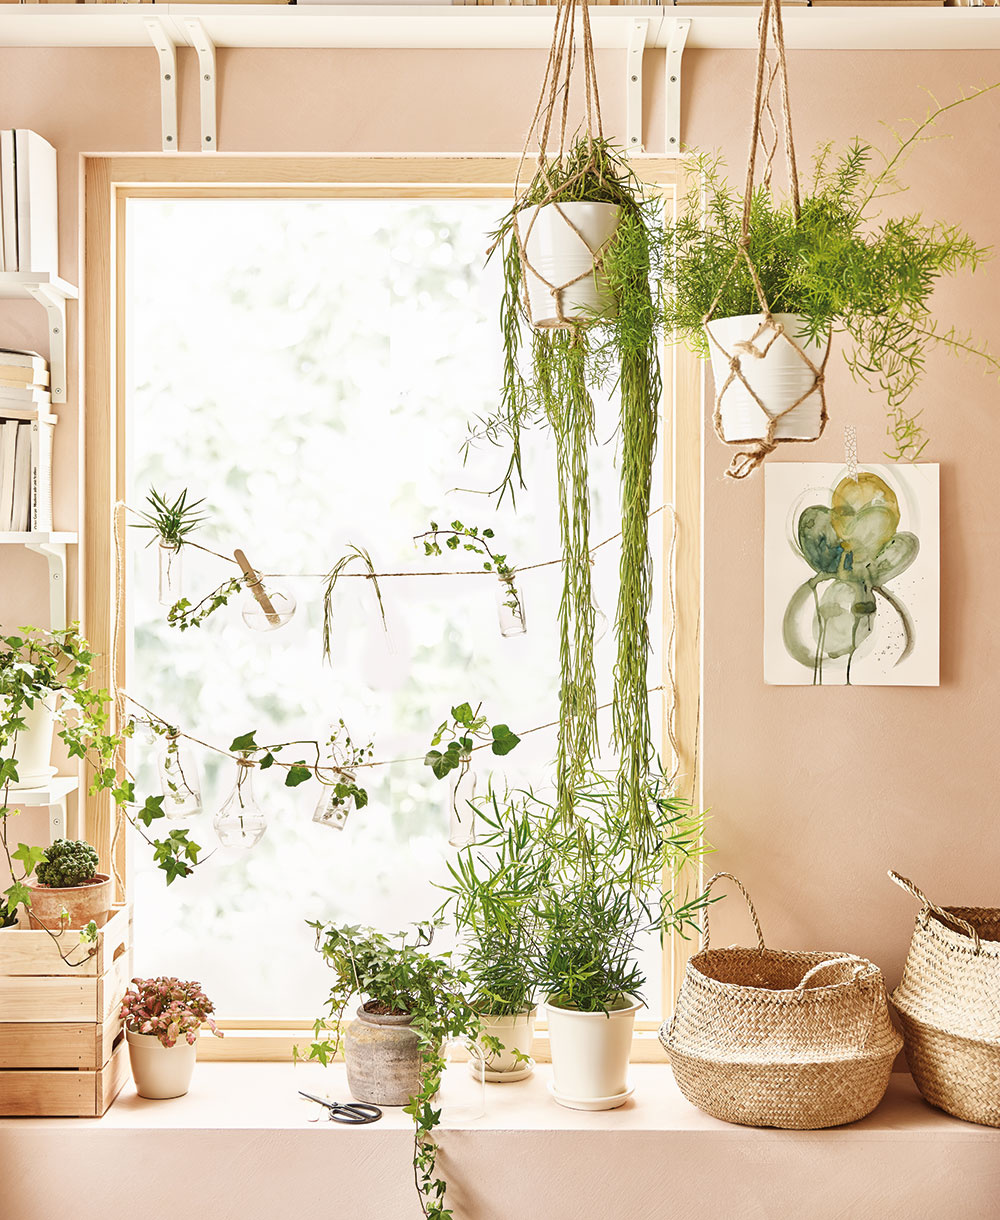 Využite steny astrop  Vnepraktických priestoroch rastliny umiestnené vo výške vnesú do priestoru zeleň bez toho, aby zaberali vzácny priestor. Stačí, ak použijete hák, ktorý je dostatočne pevný na to, aby uniesol hmotnosť rastliny. Nezabudnite sa presvedčiť, že kvetináče, ktoré zavesíte, dobre zadržiavajú vodu.